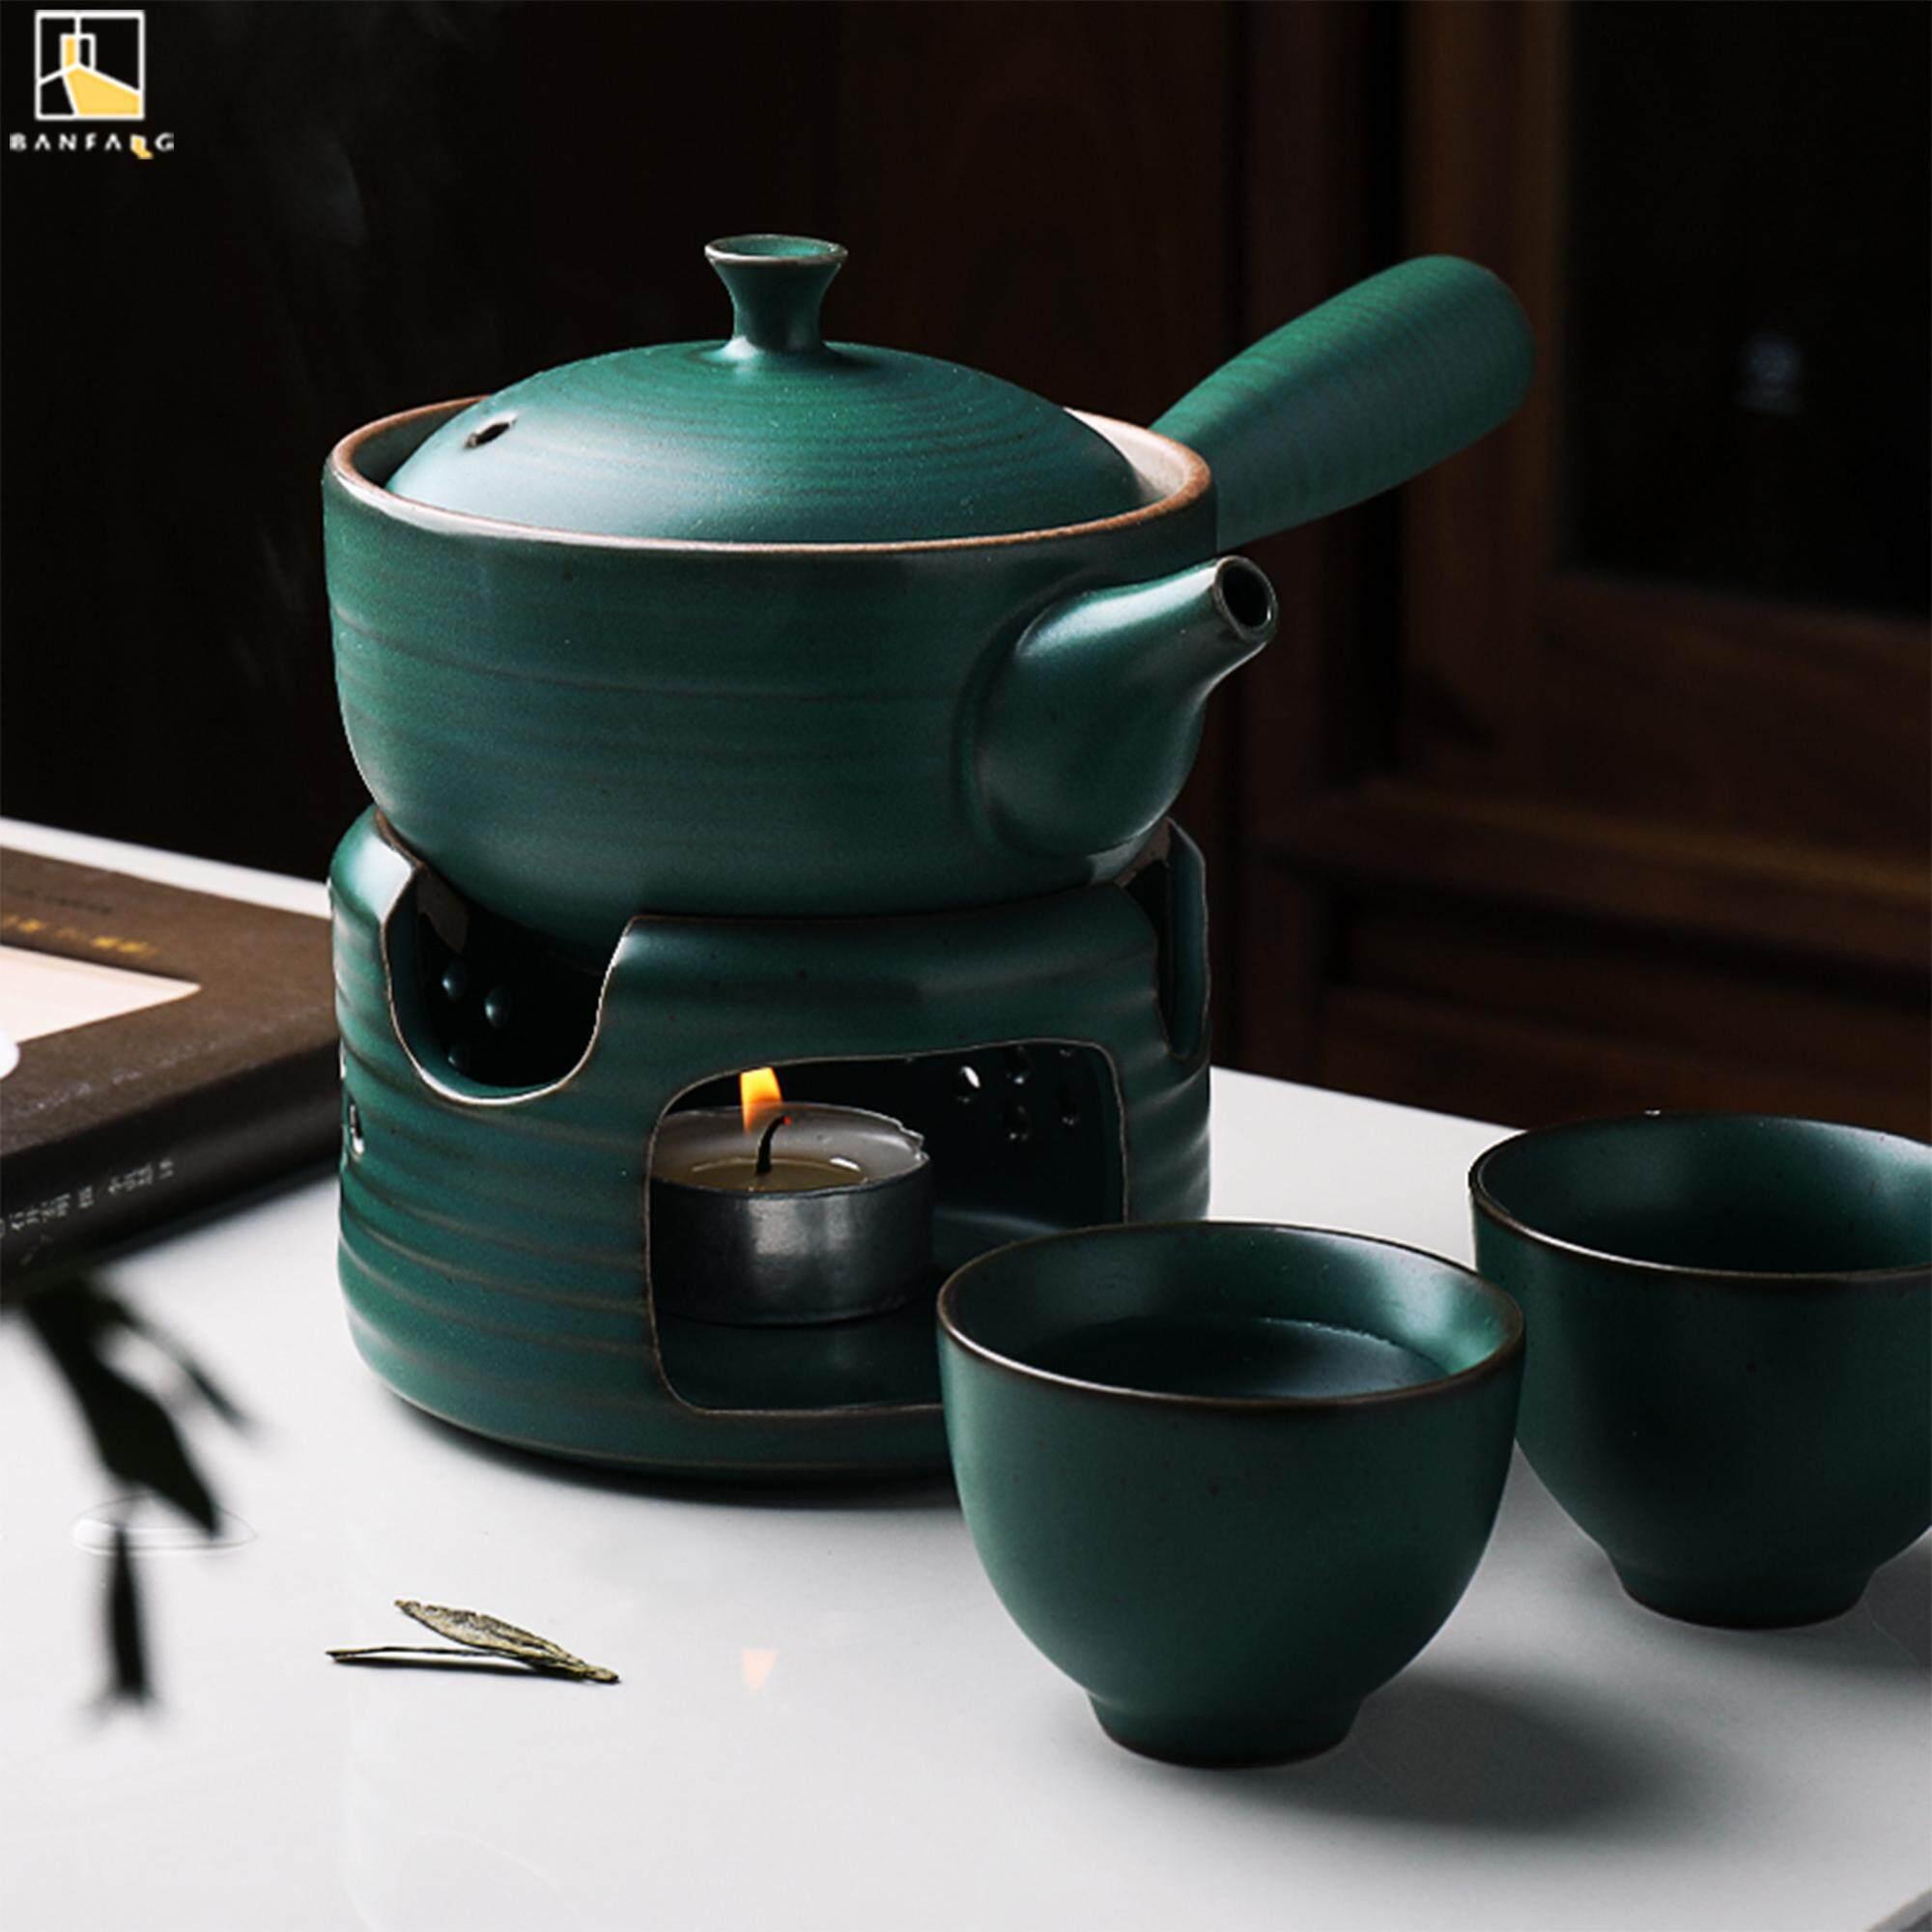 BANFANG kiểu Nhật Bản thông xanh Bộ ấm trà gốm sứ Bộ Nến làm nóng căn cứ hộ gia đình ấm trà Kungfu trà